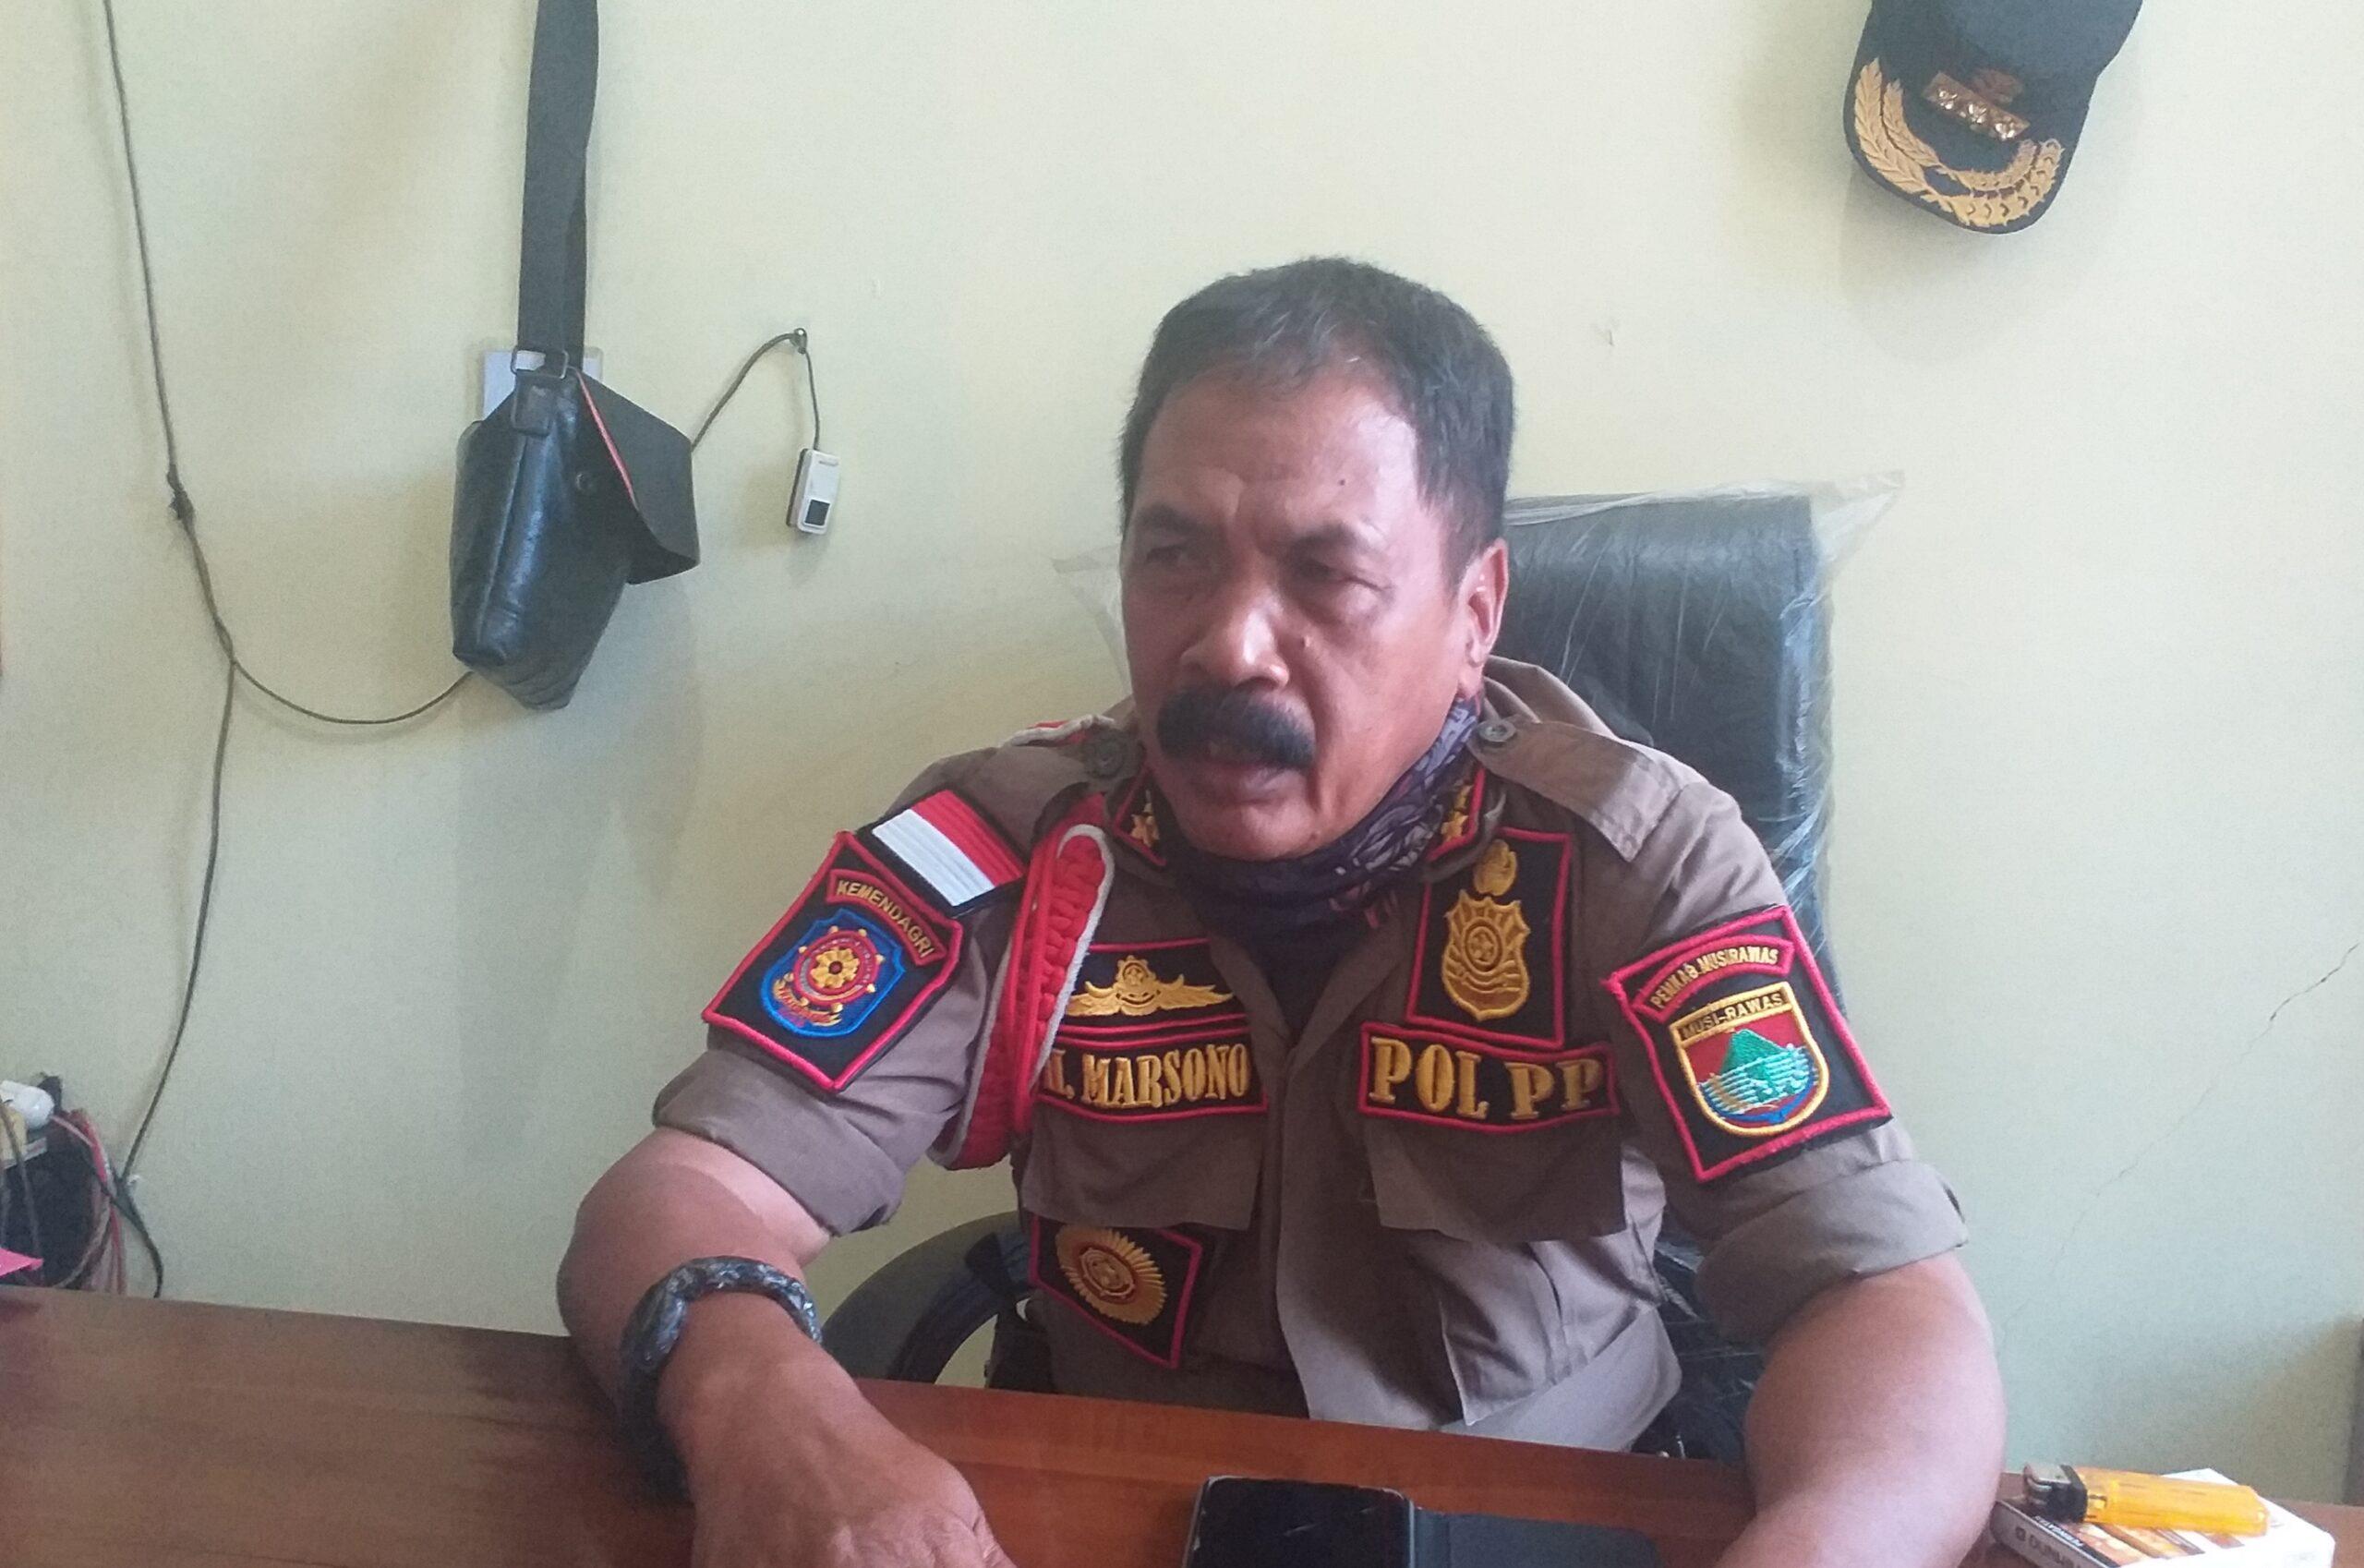 Arogansi Pada Wartawan, Kasat Pol PP Tarik Anggotanya dari DPRD Mura